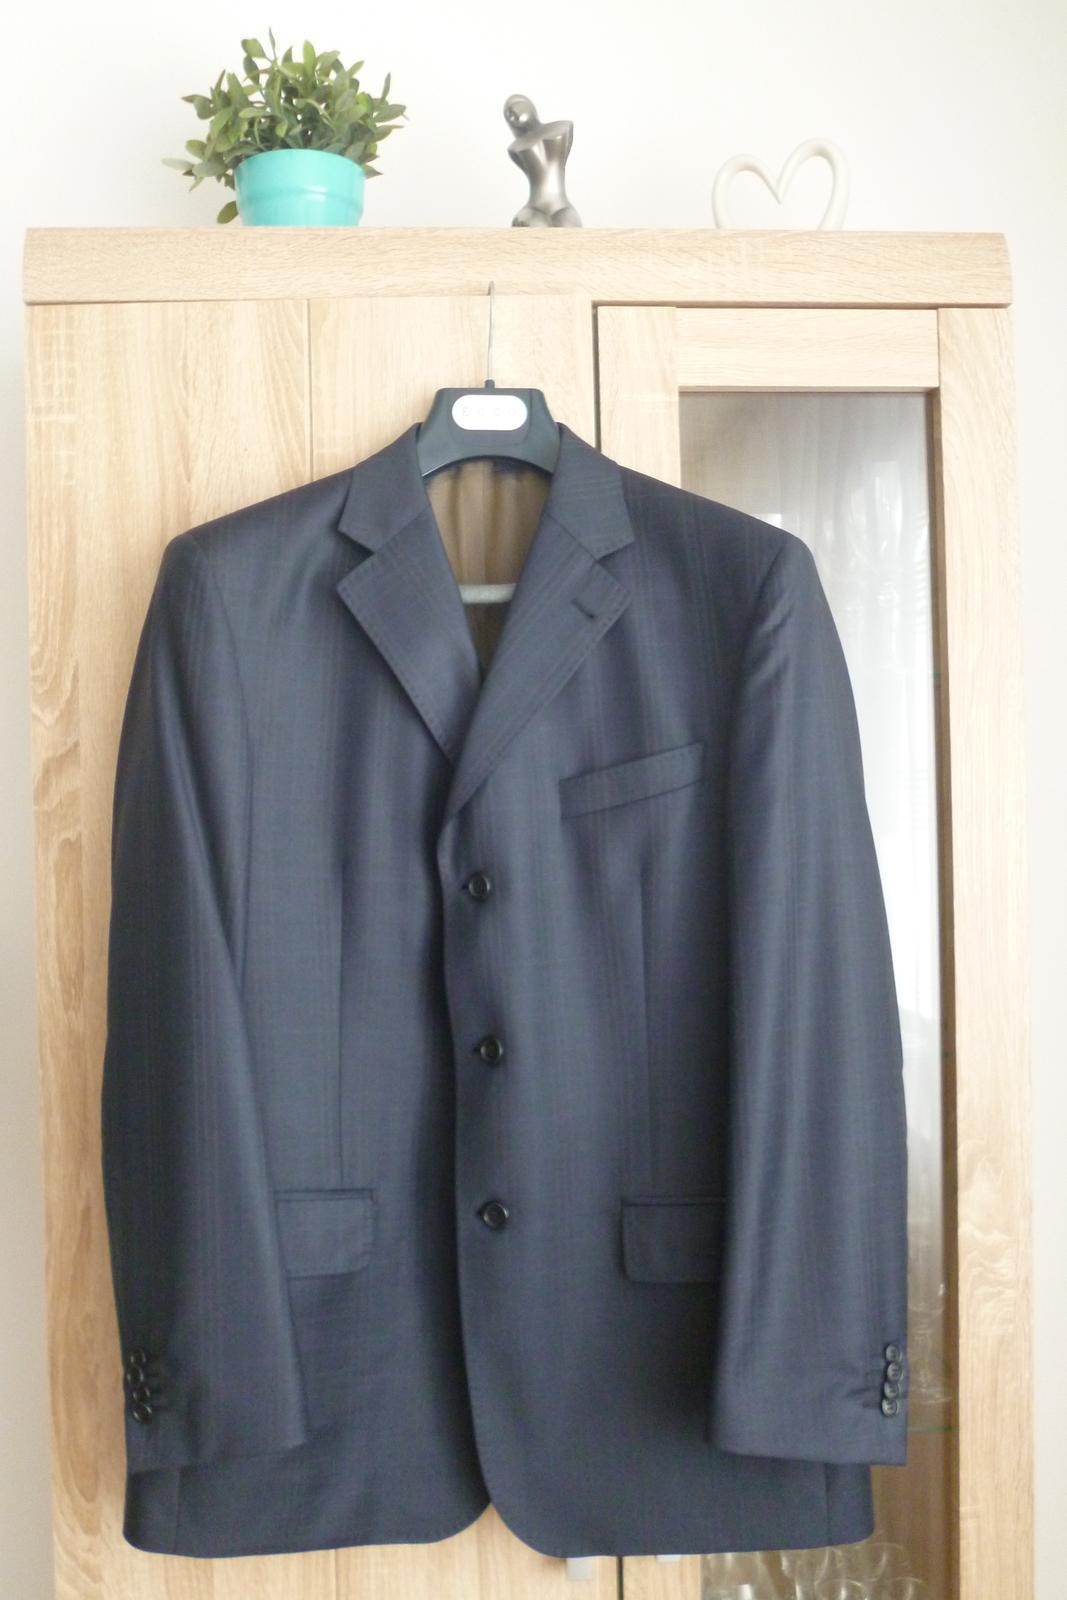 Ozeta oblek s jemným vzorom - Obrázok č. 1